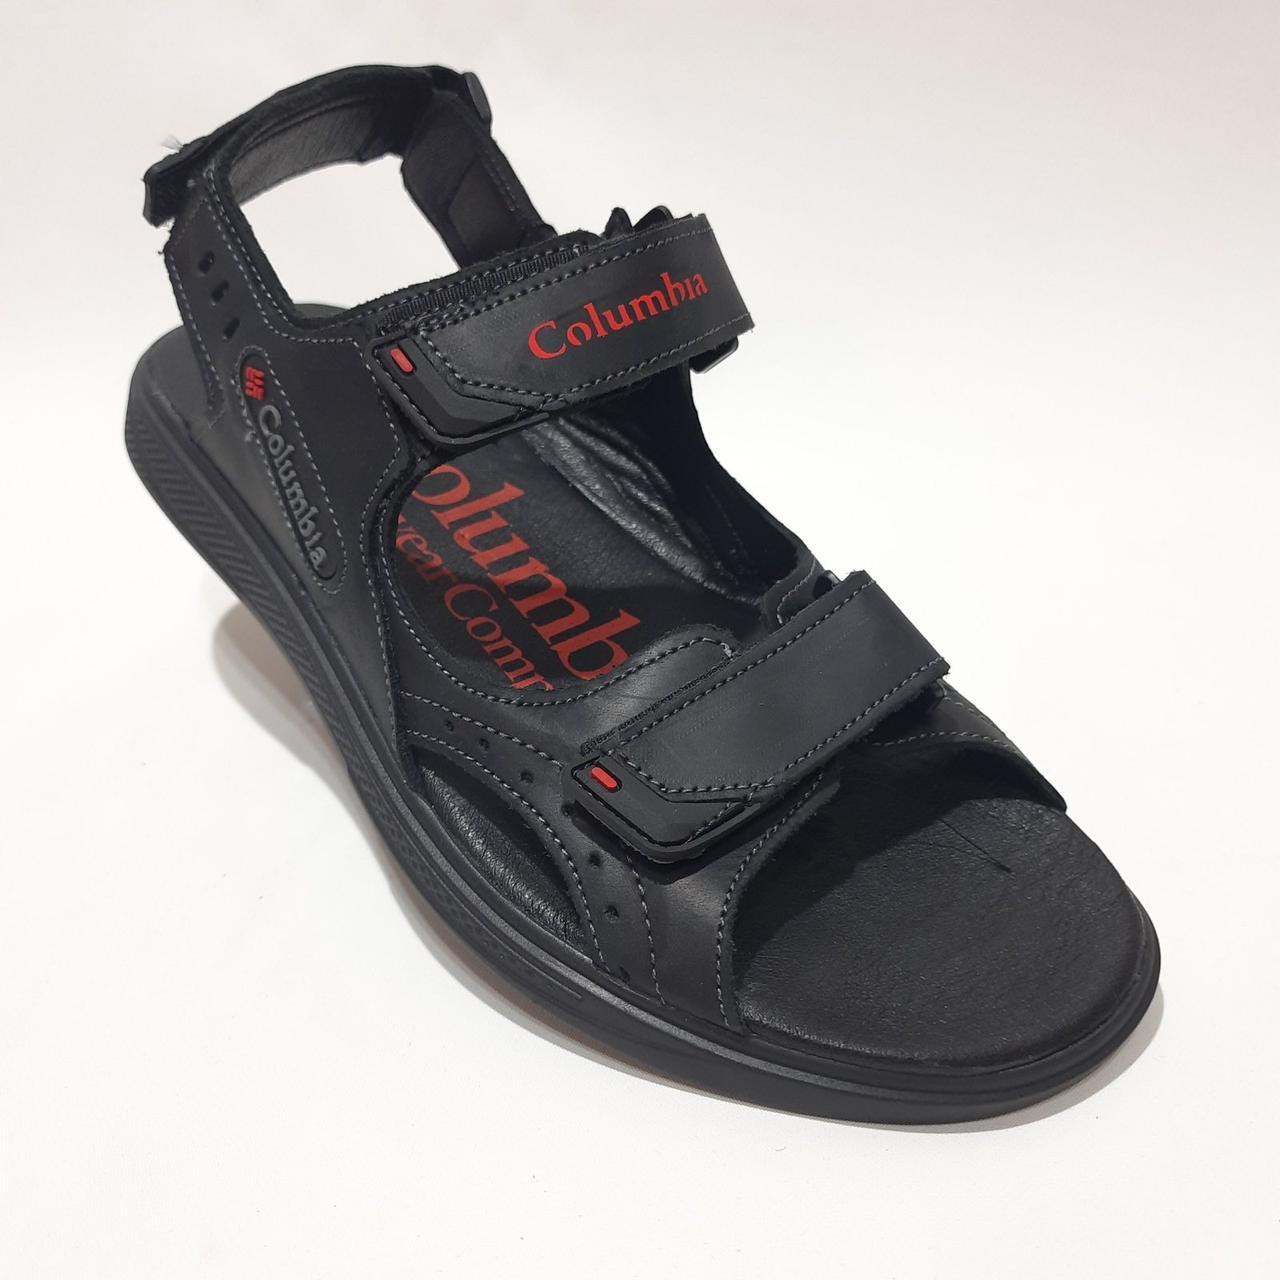 Чоловічі шкіряні сандалі Columbia (репліка) на липучках Чорні